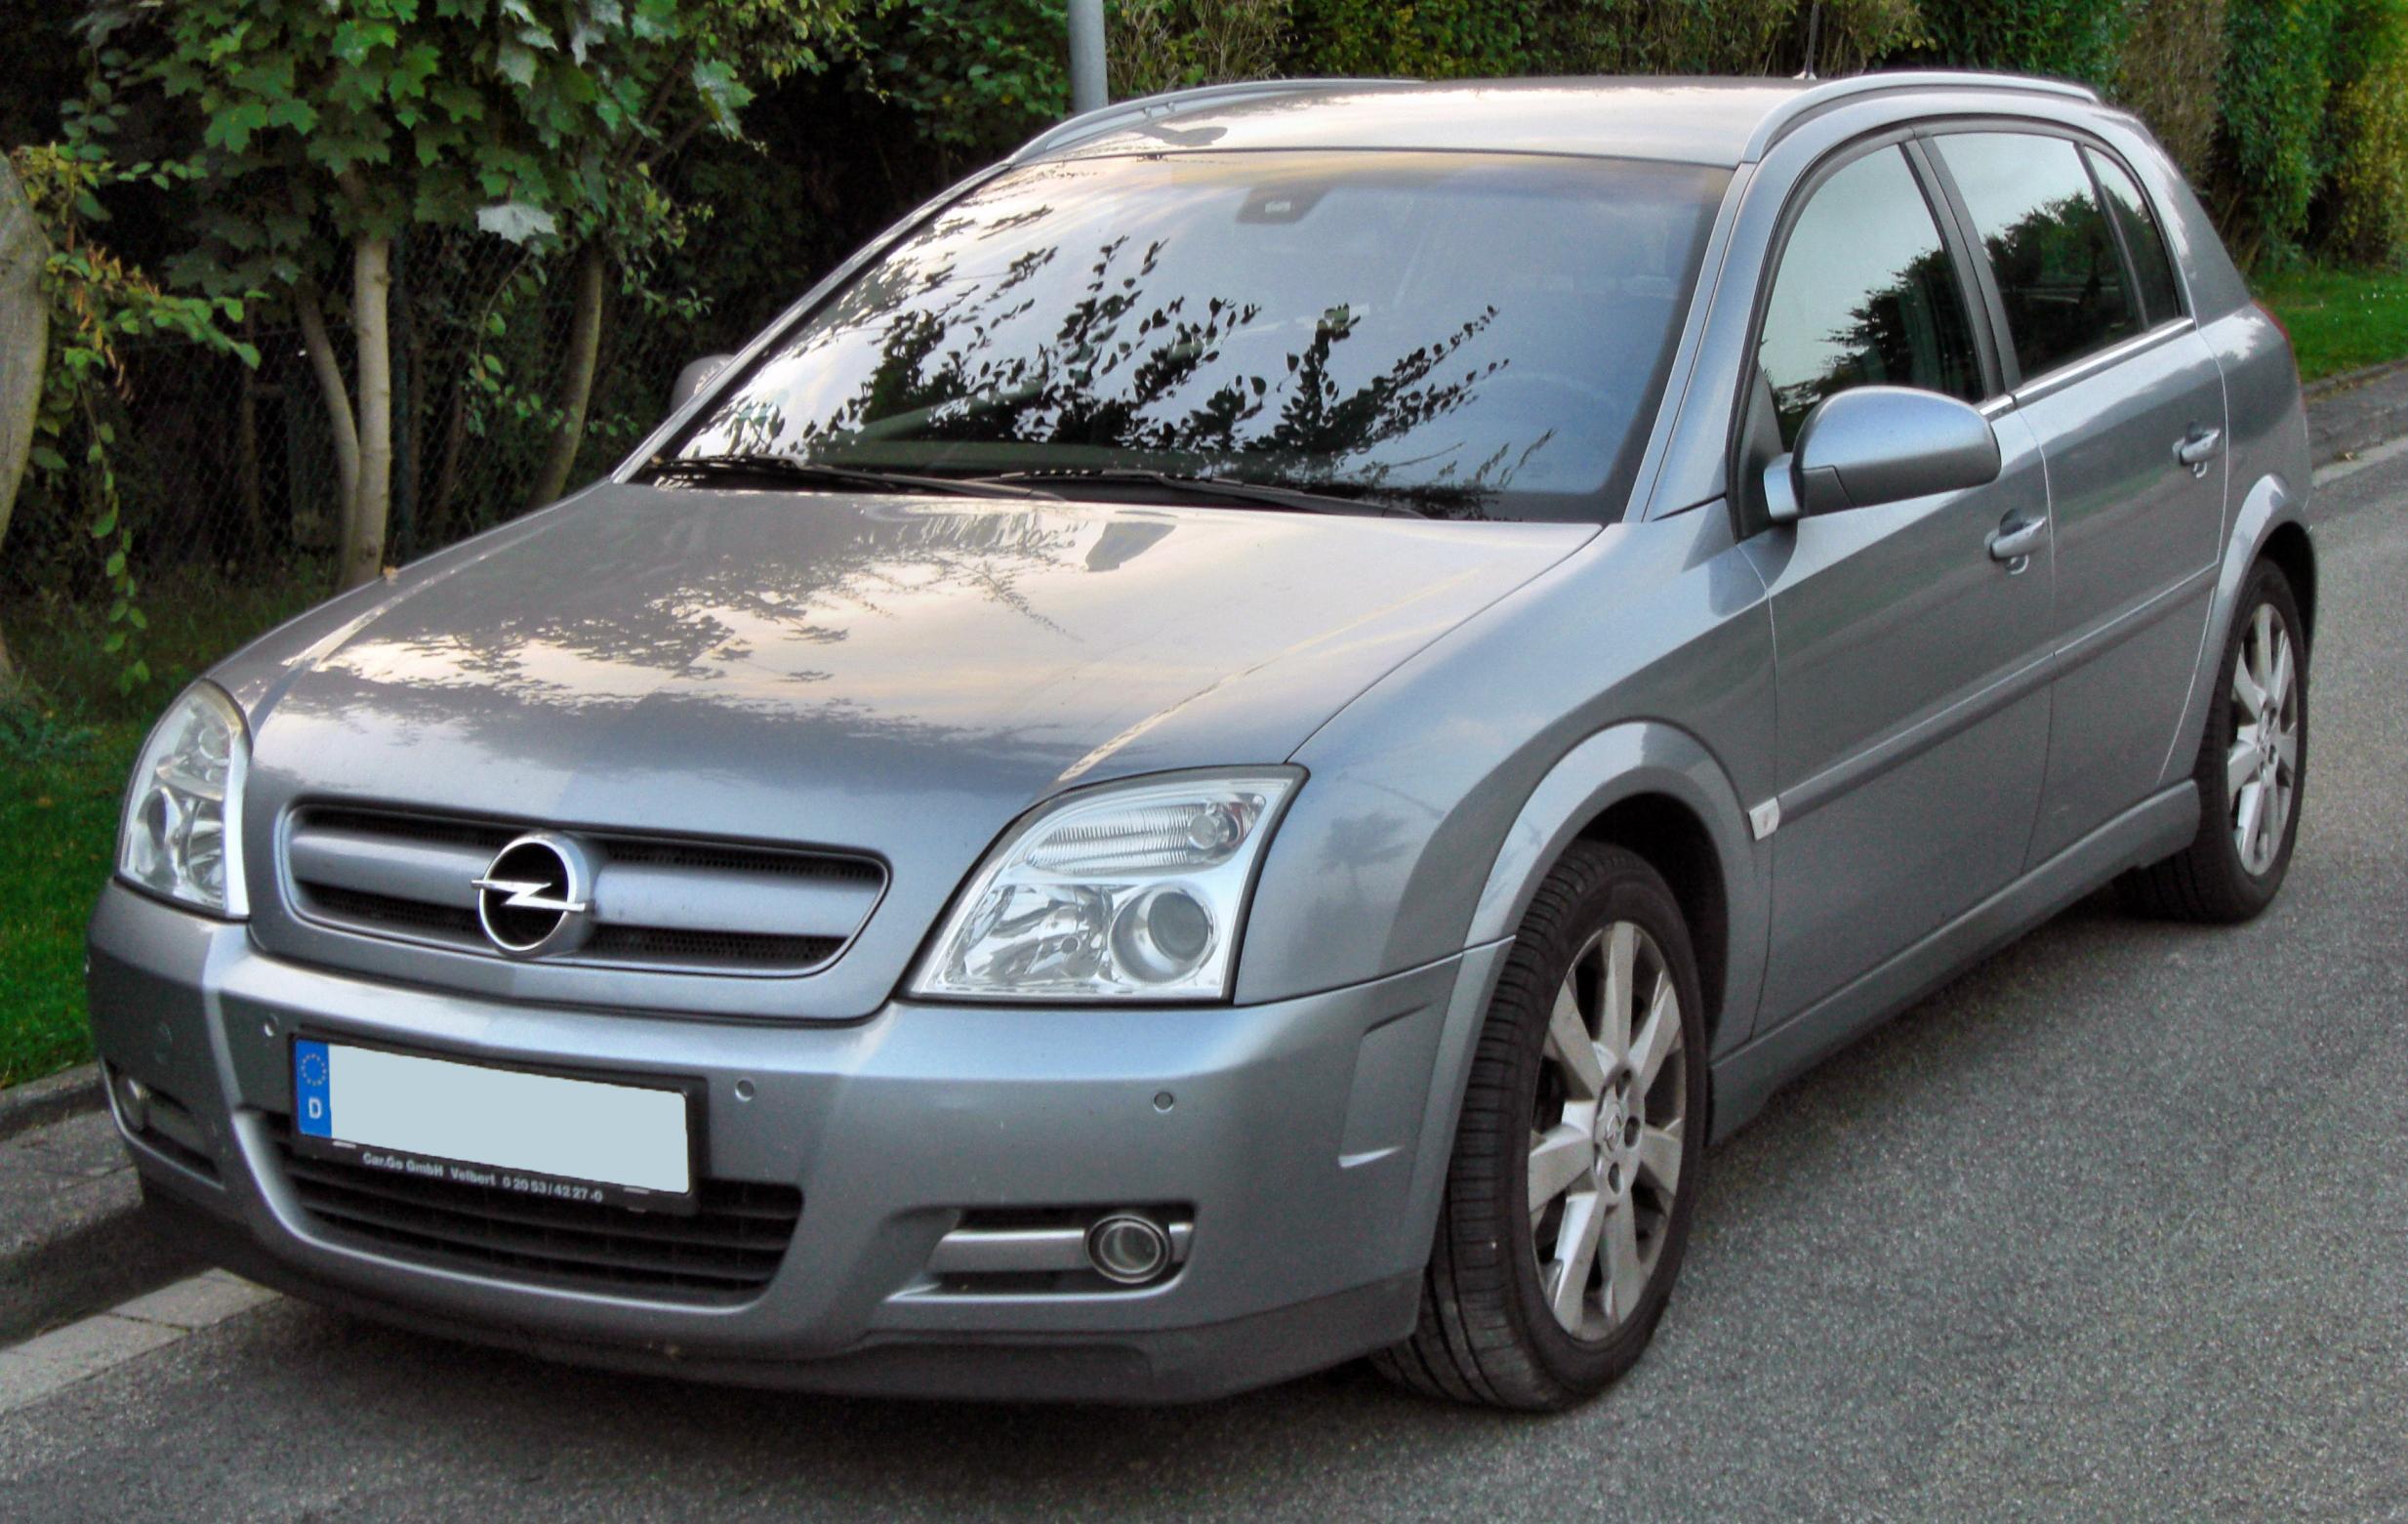 Zaawansowane Opel Signum – Wikipedia, wolna encyklopedia HU09